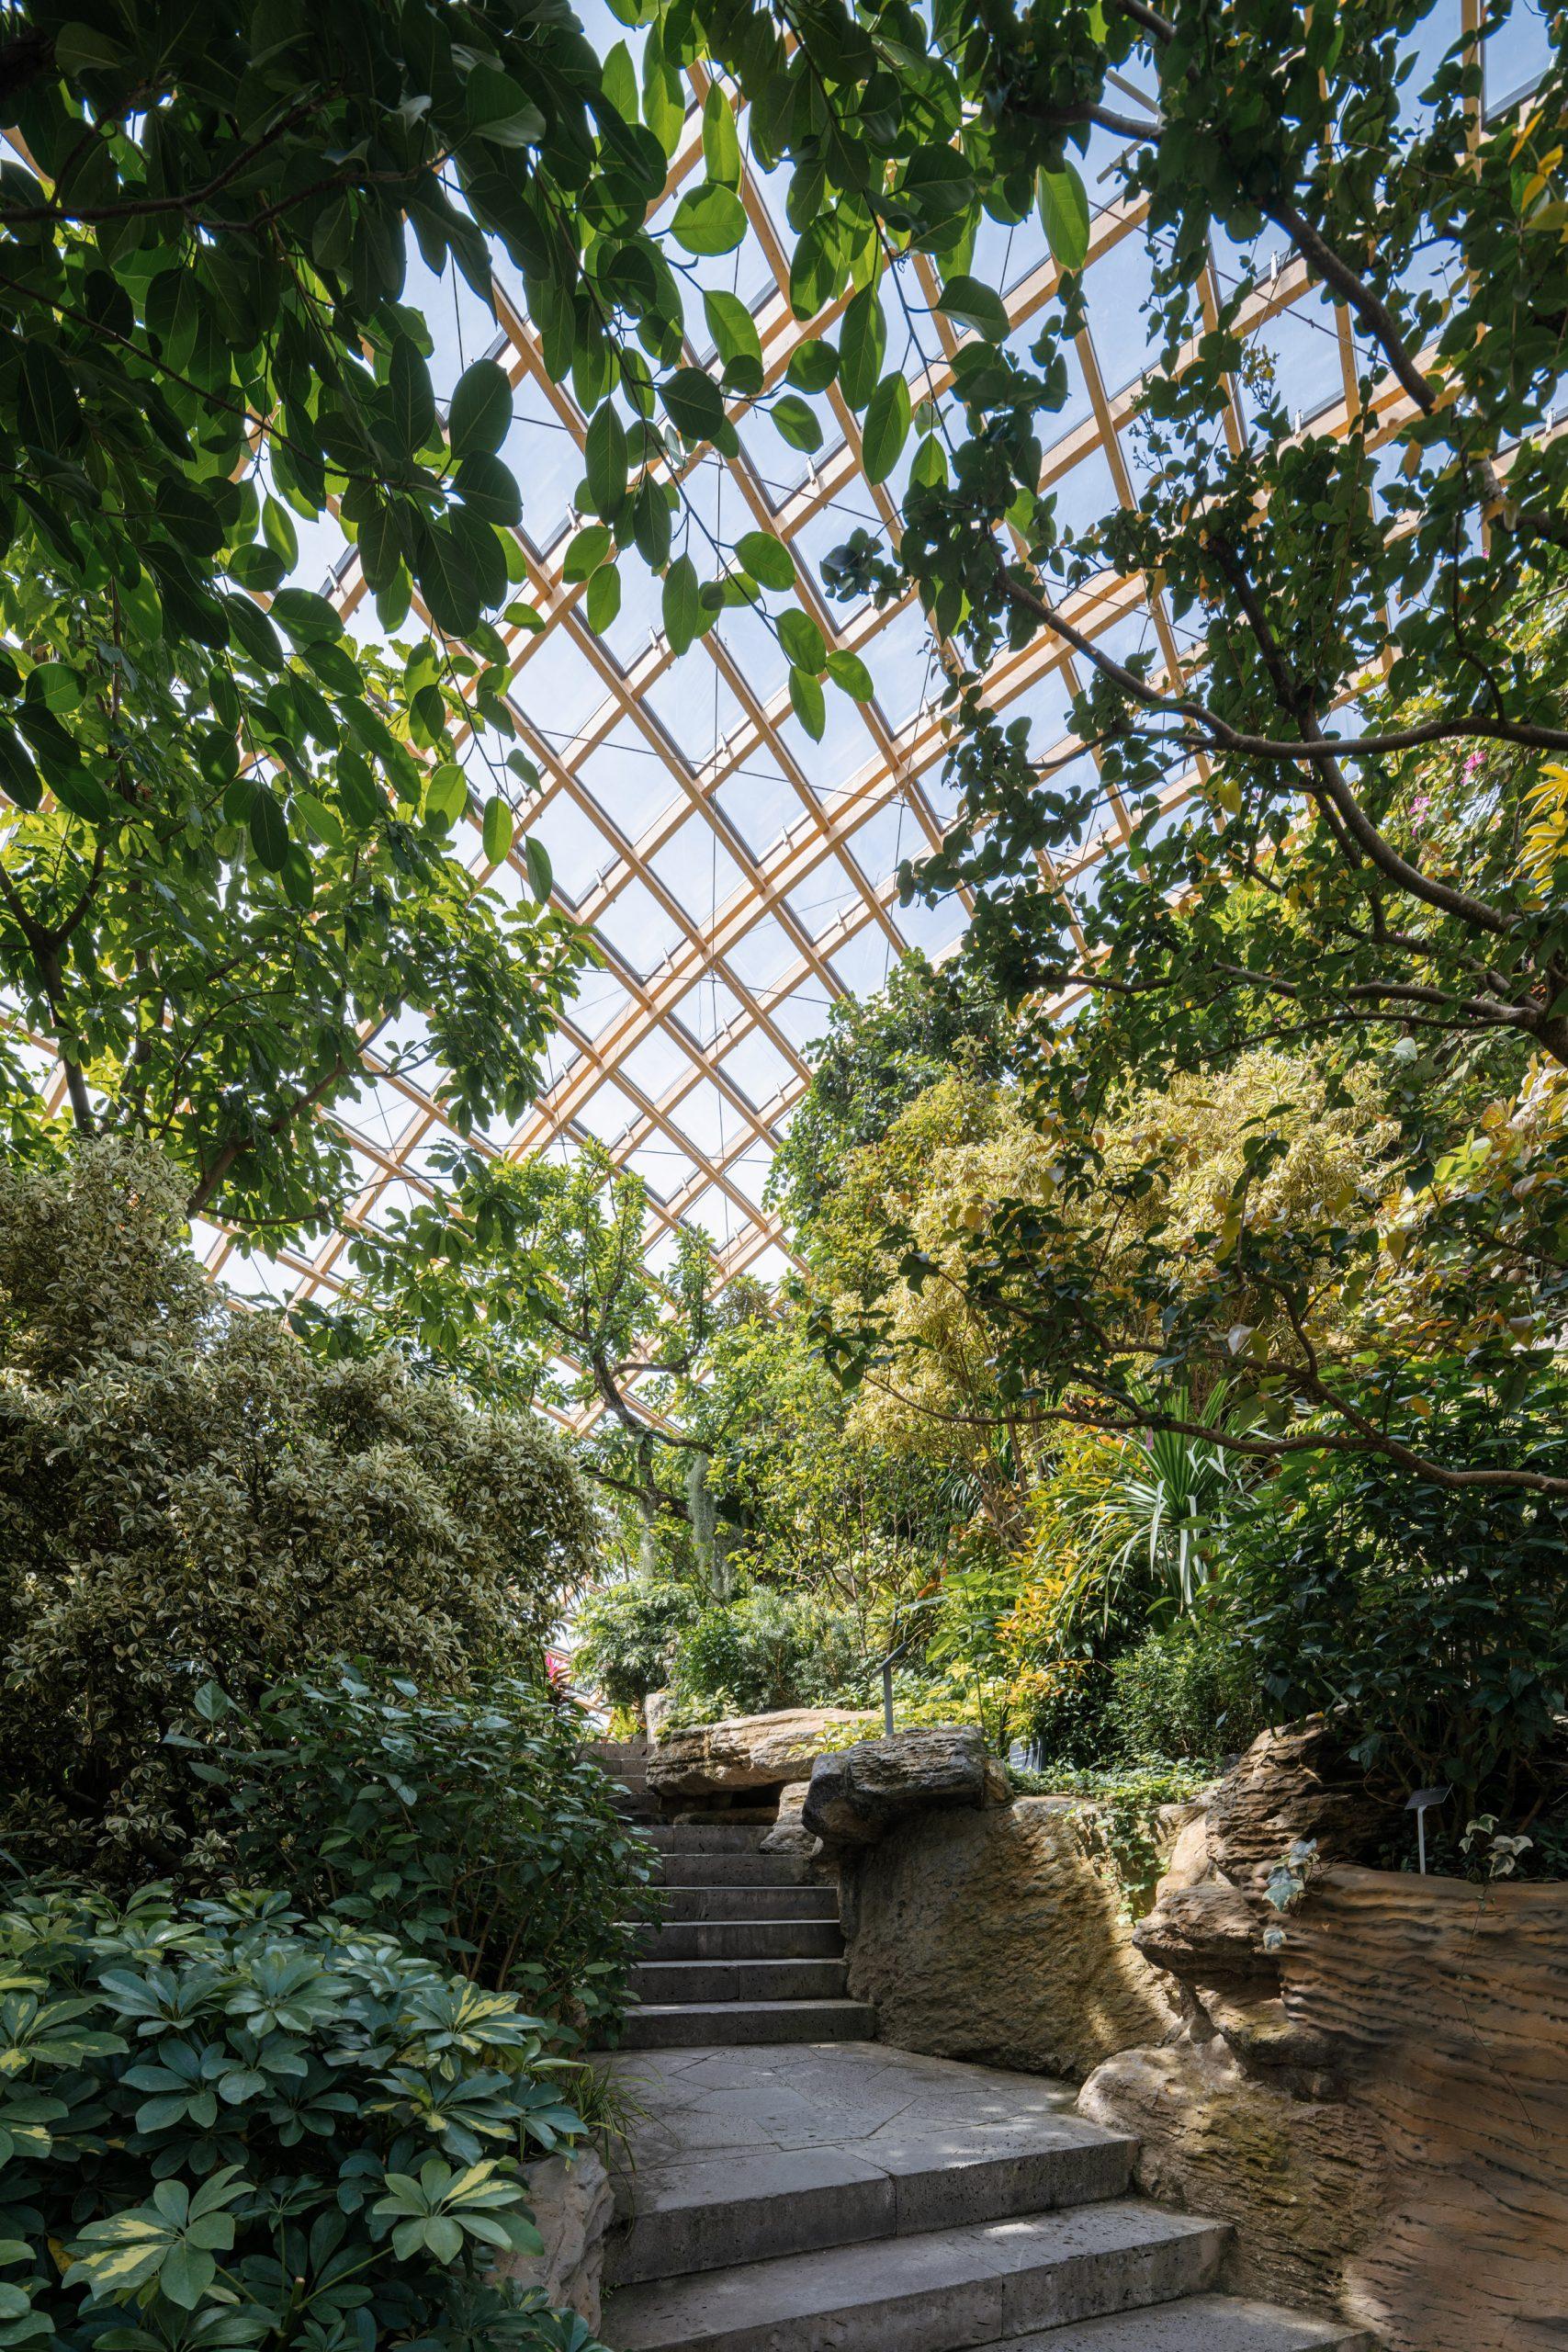 jardim botânico taiyuan china